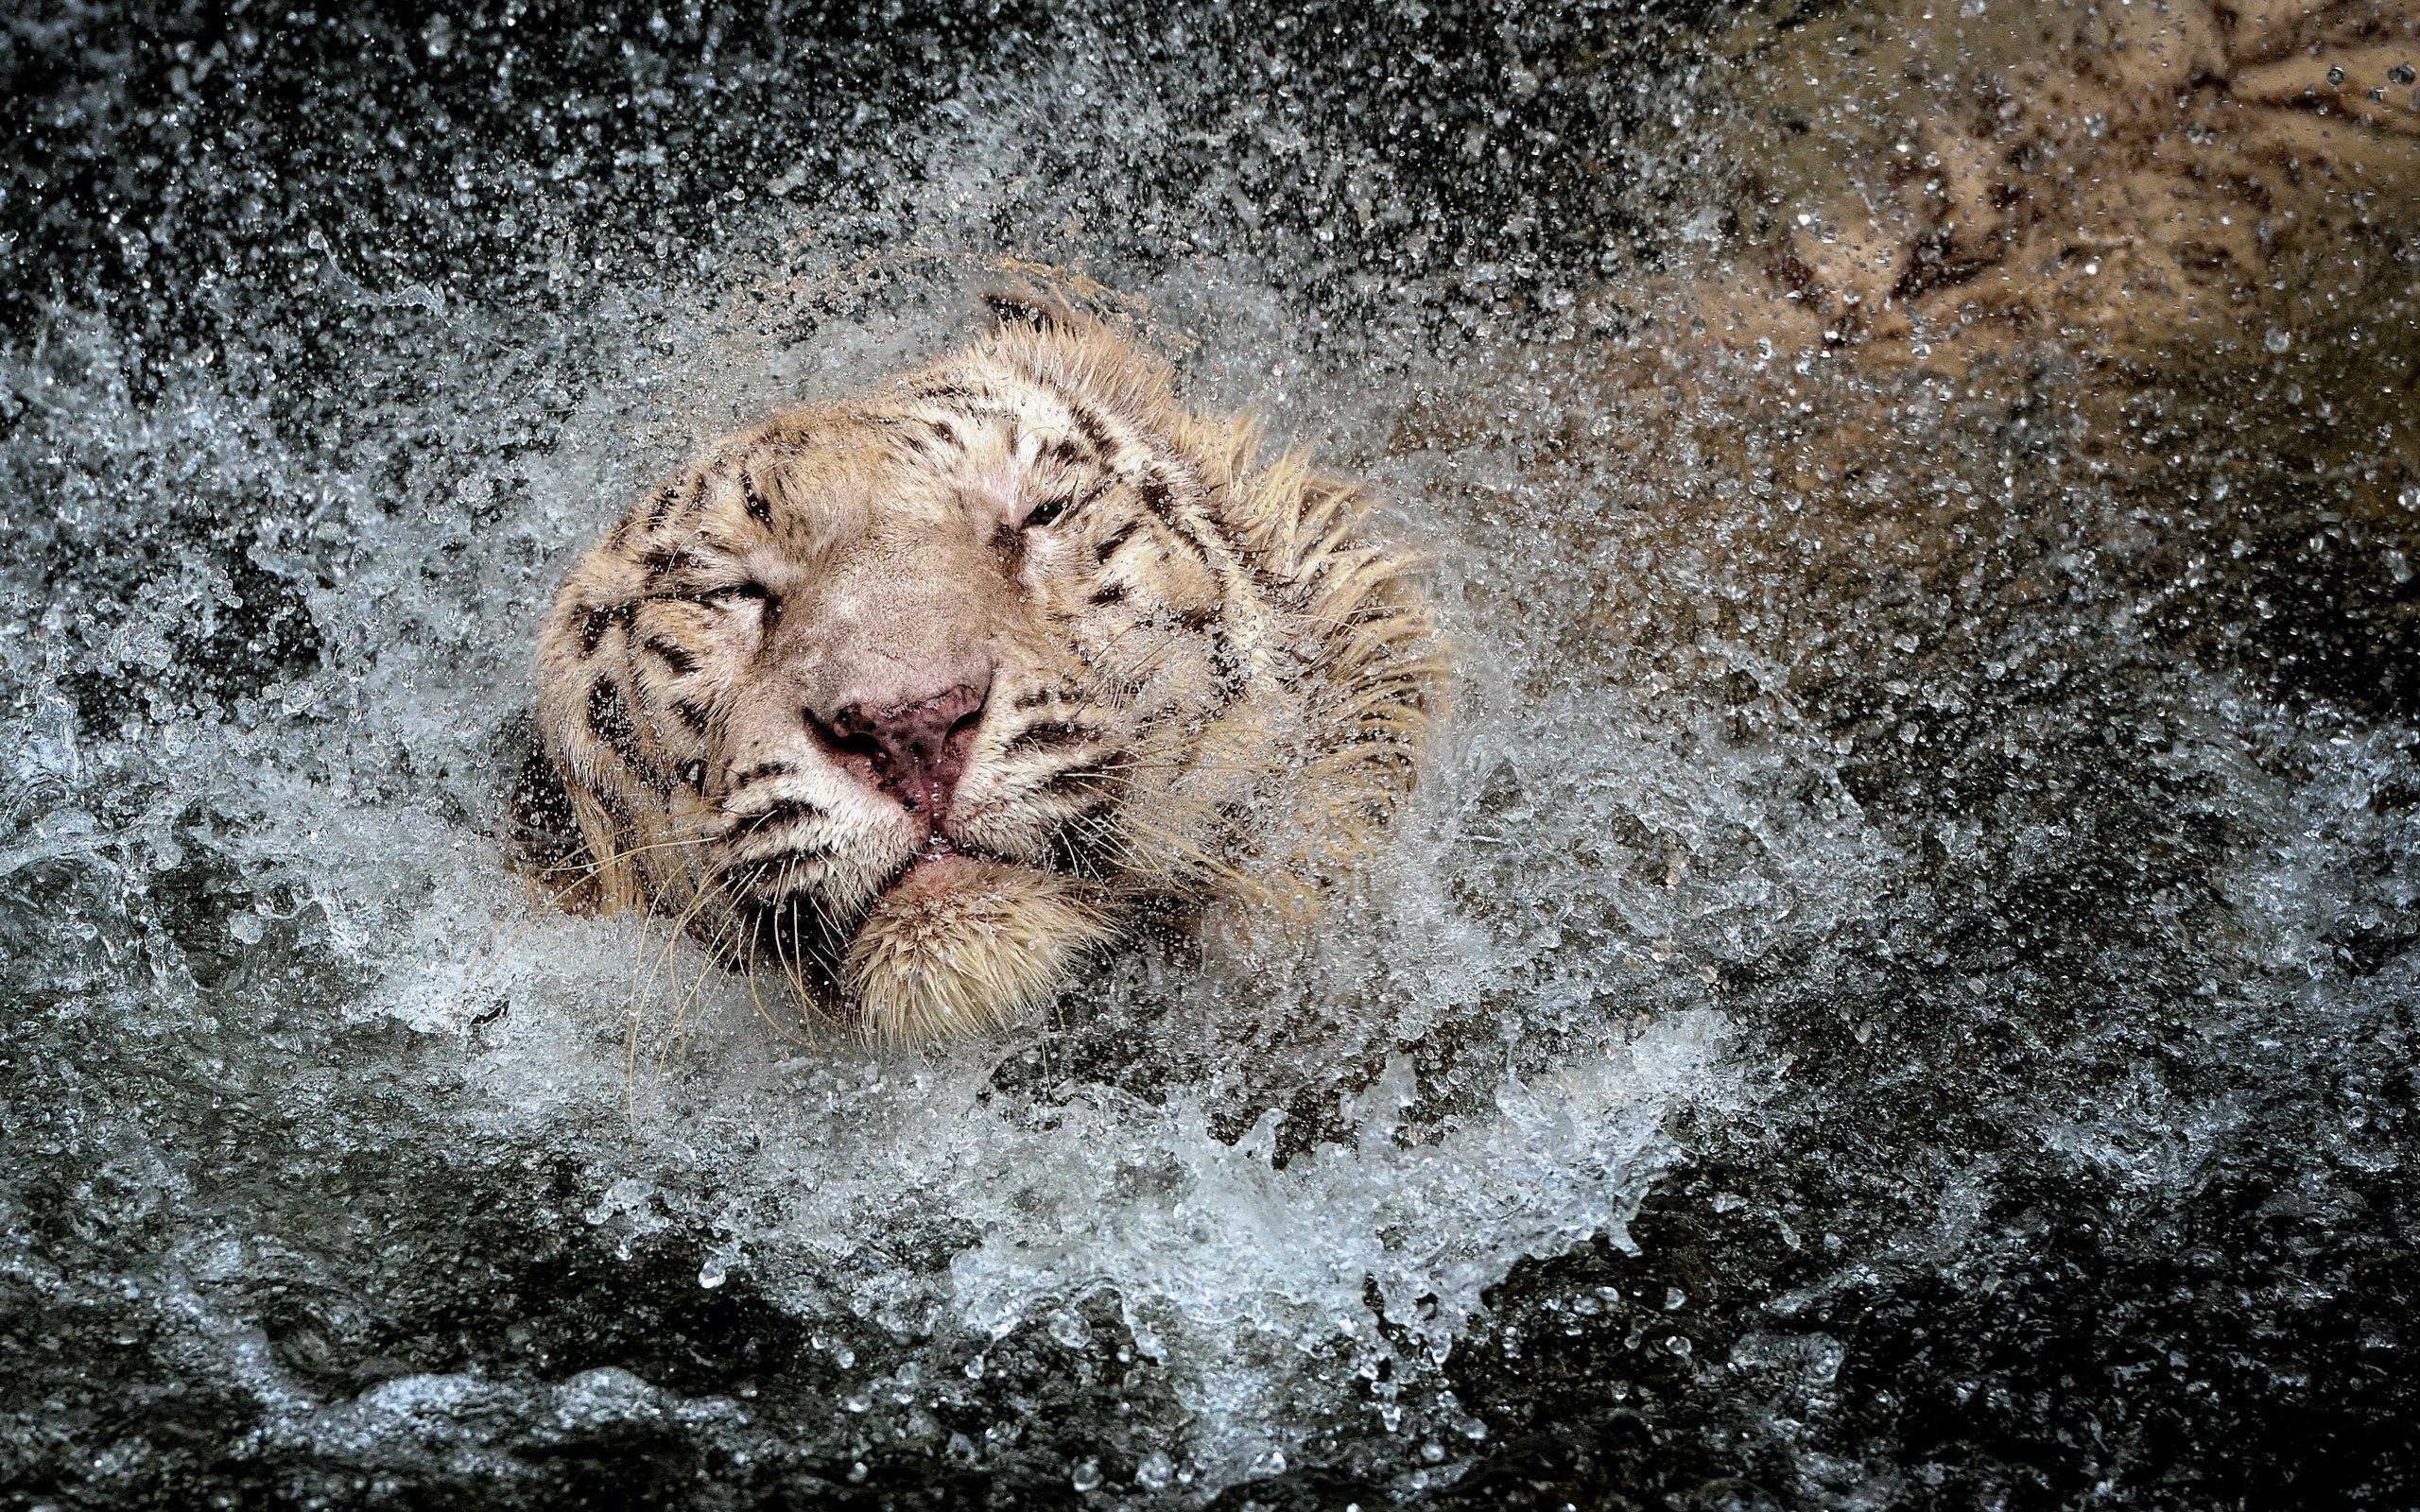 White Tiger Wallpaper